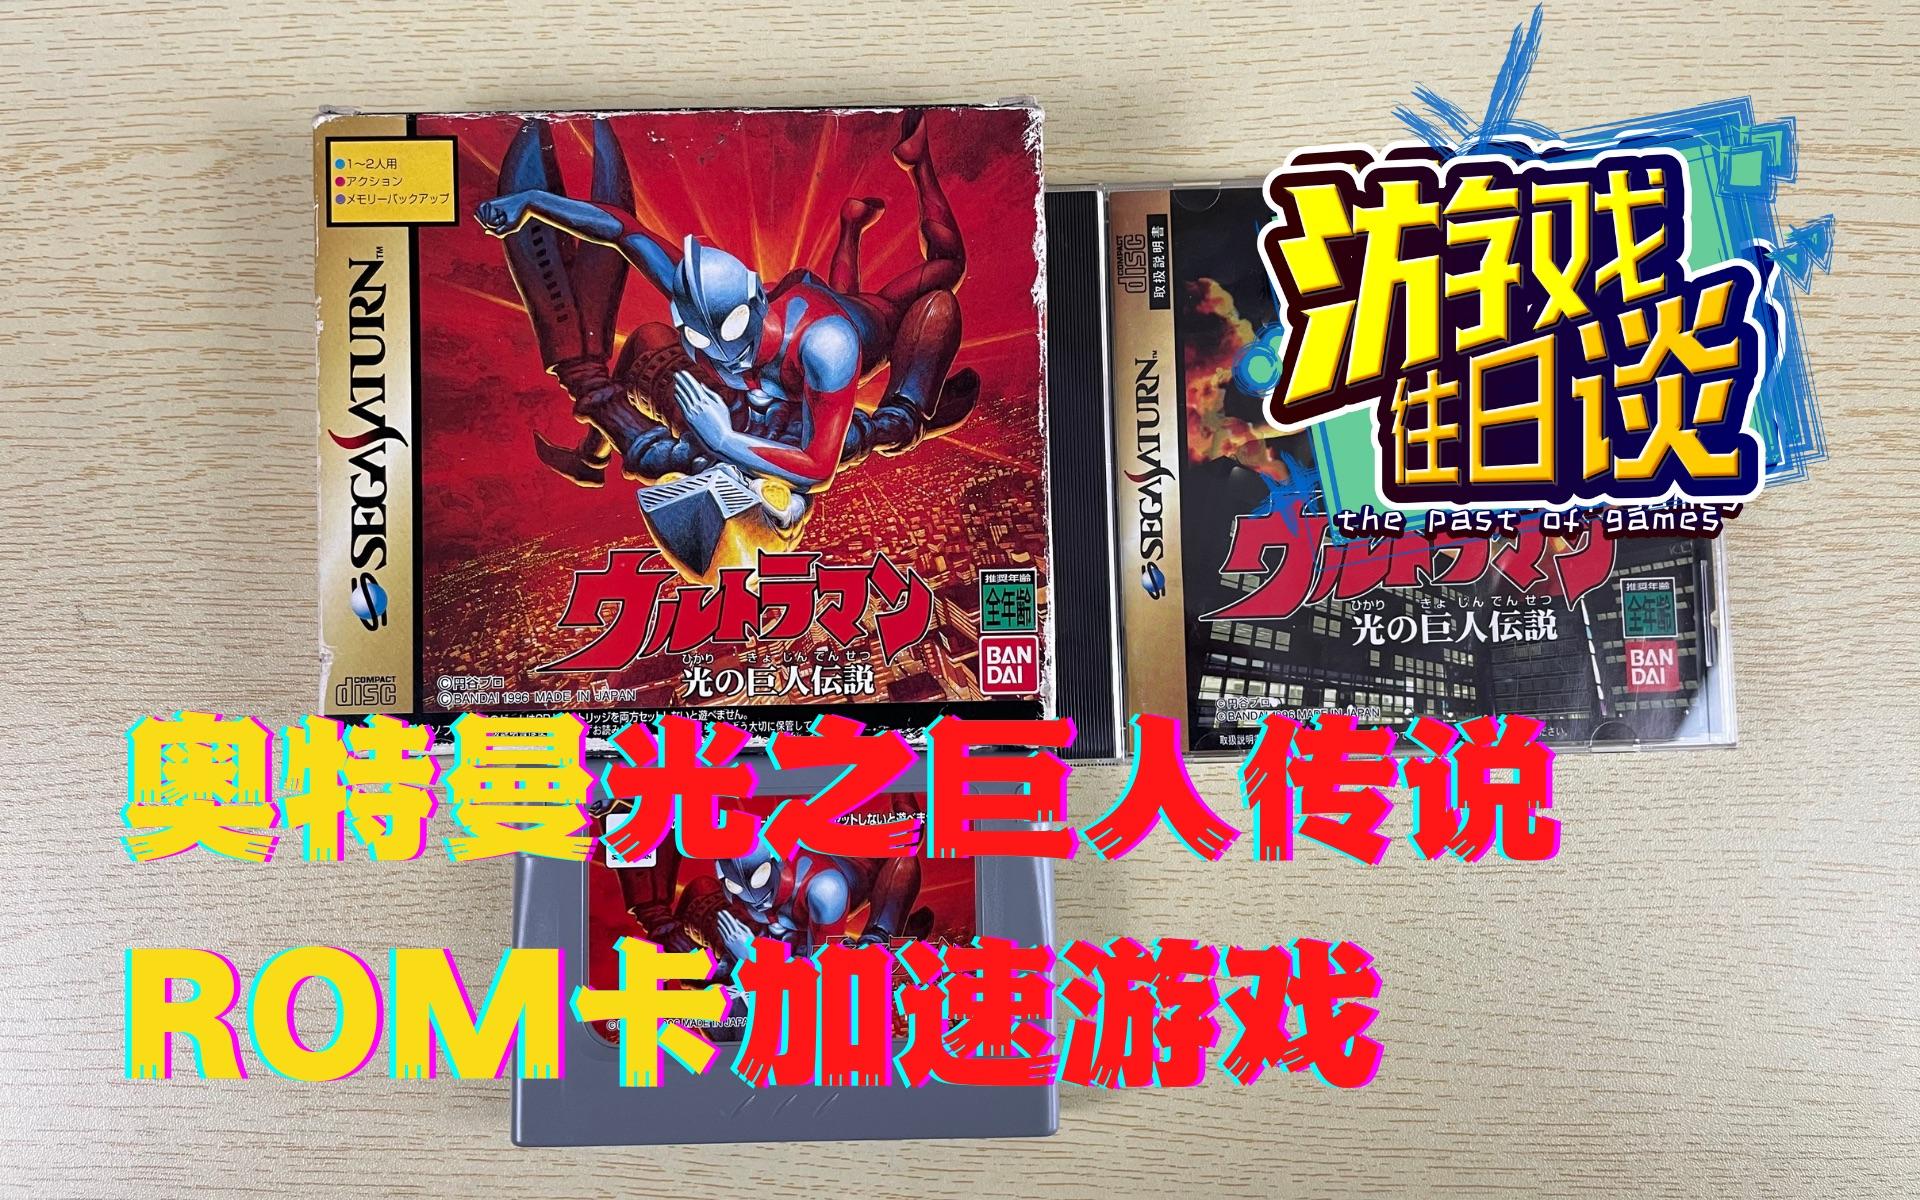 奥特曼打怪兽啦!土星唯二ROM卡加速游戏之一 游戏往日谈Vol.47